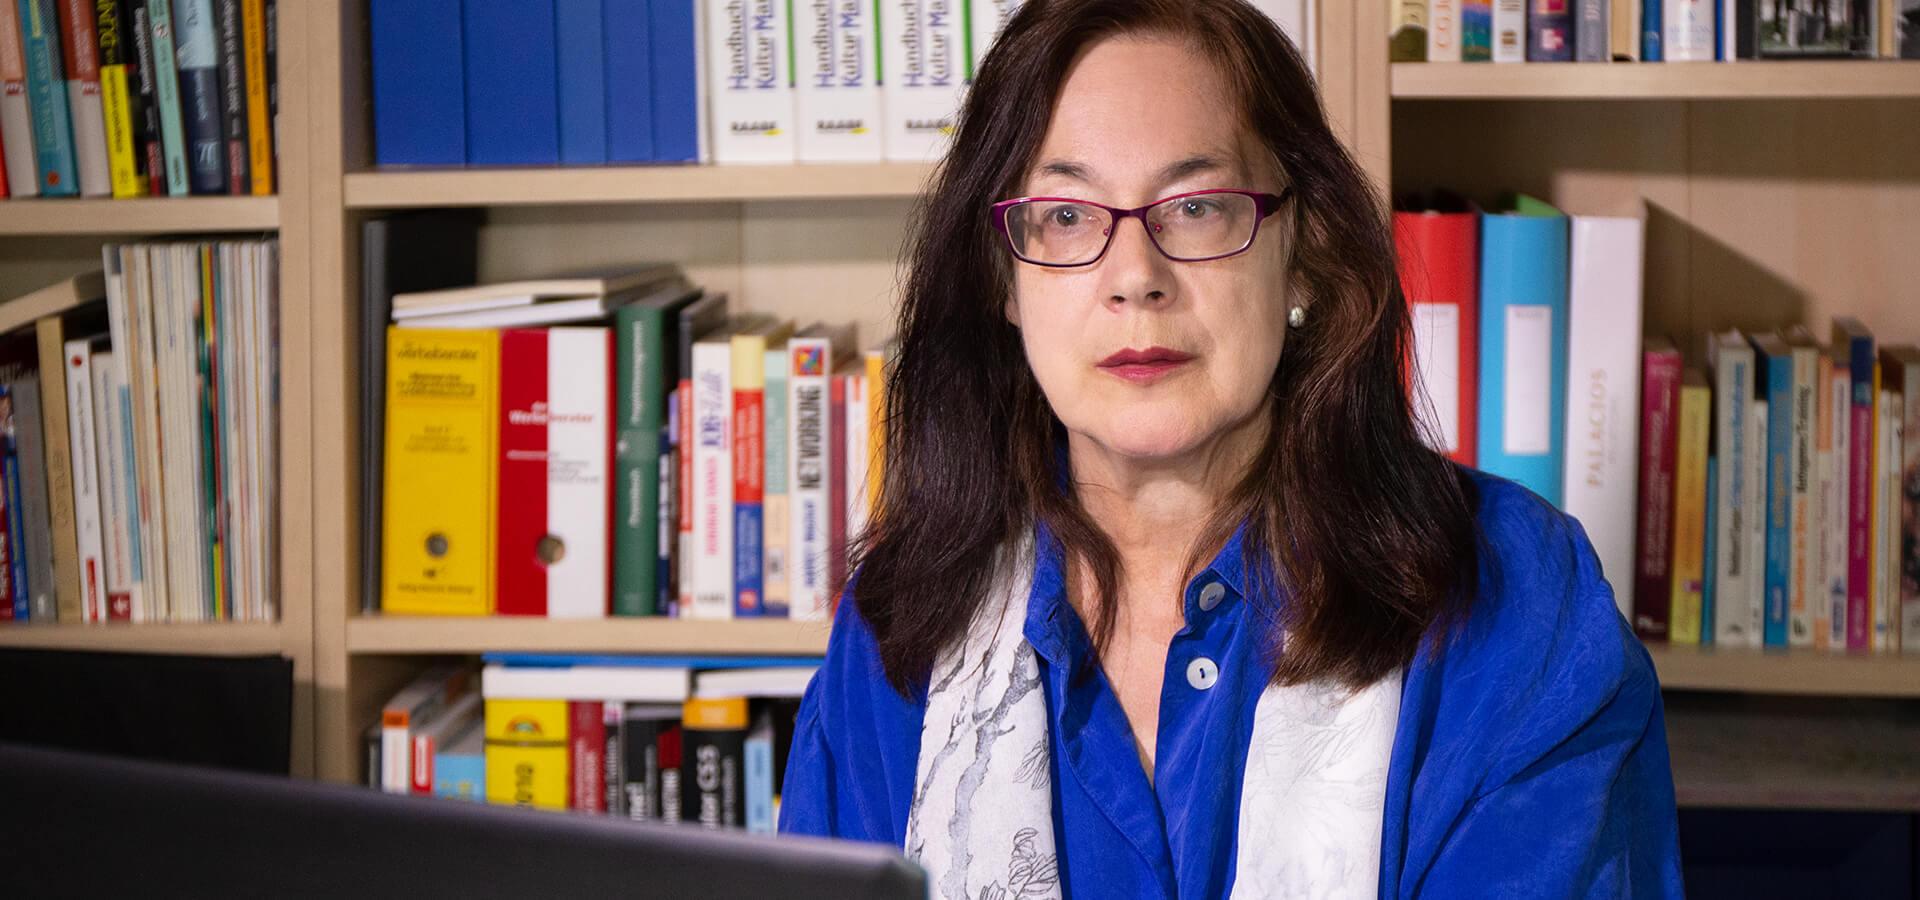 Marianne Kaindl in ihren Arbeitsräumen in Stetten bei Meersburg am Bodensee